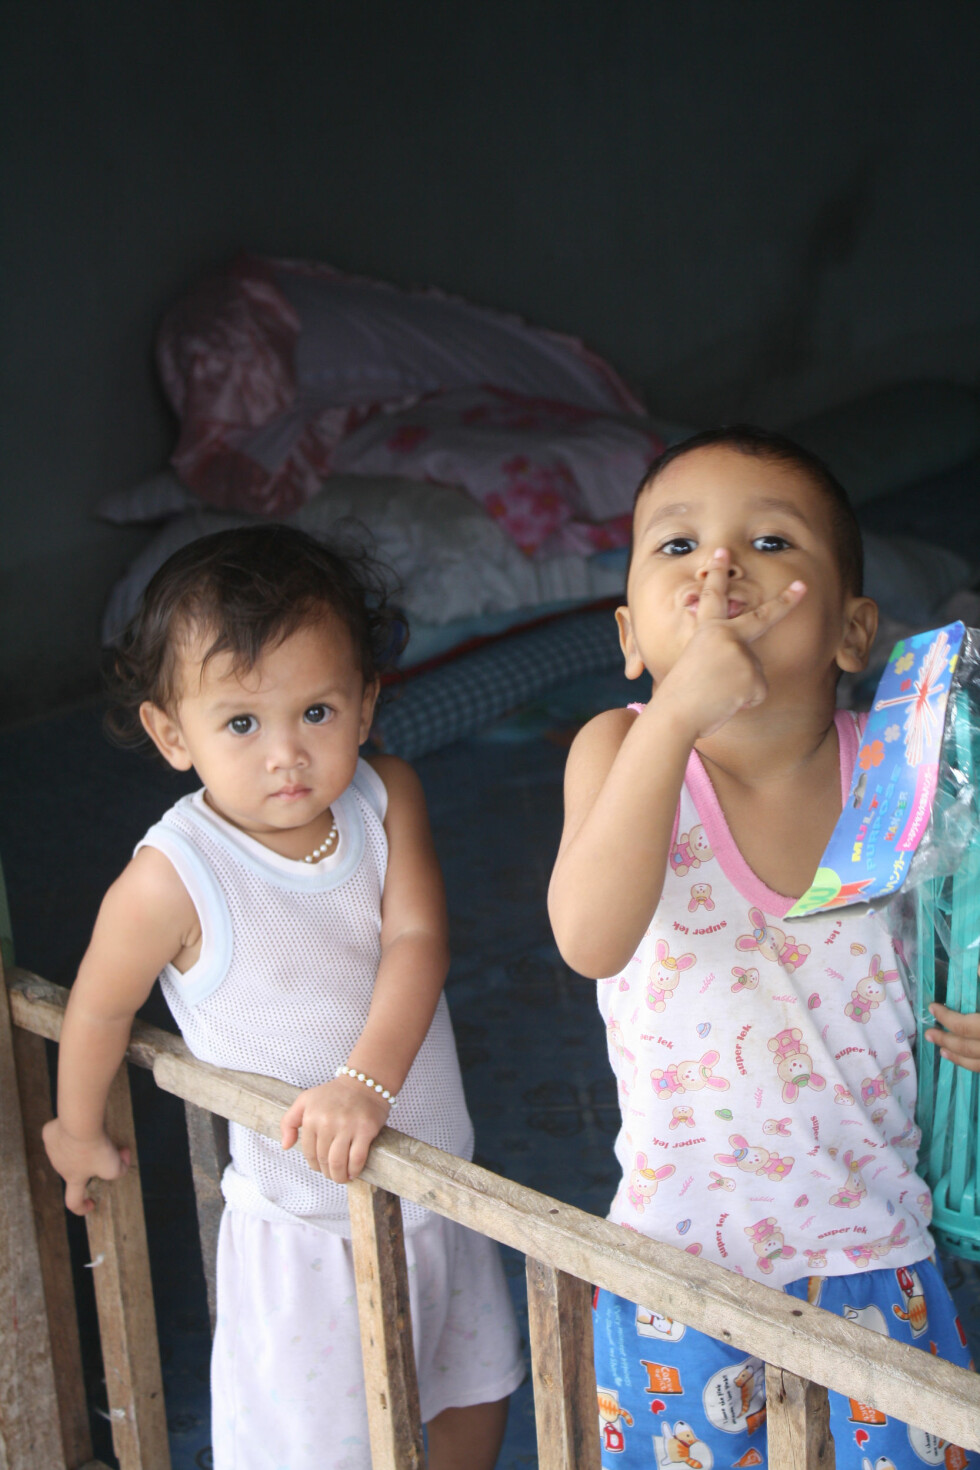 BILDE FRA BARNEHJEM: I lekegrind på barnehjemmet, og de poserer for fotografen. Foto: Privat